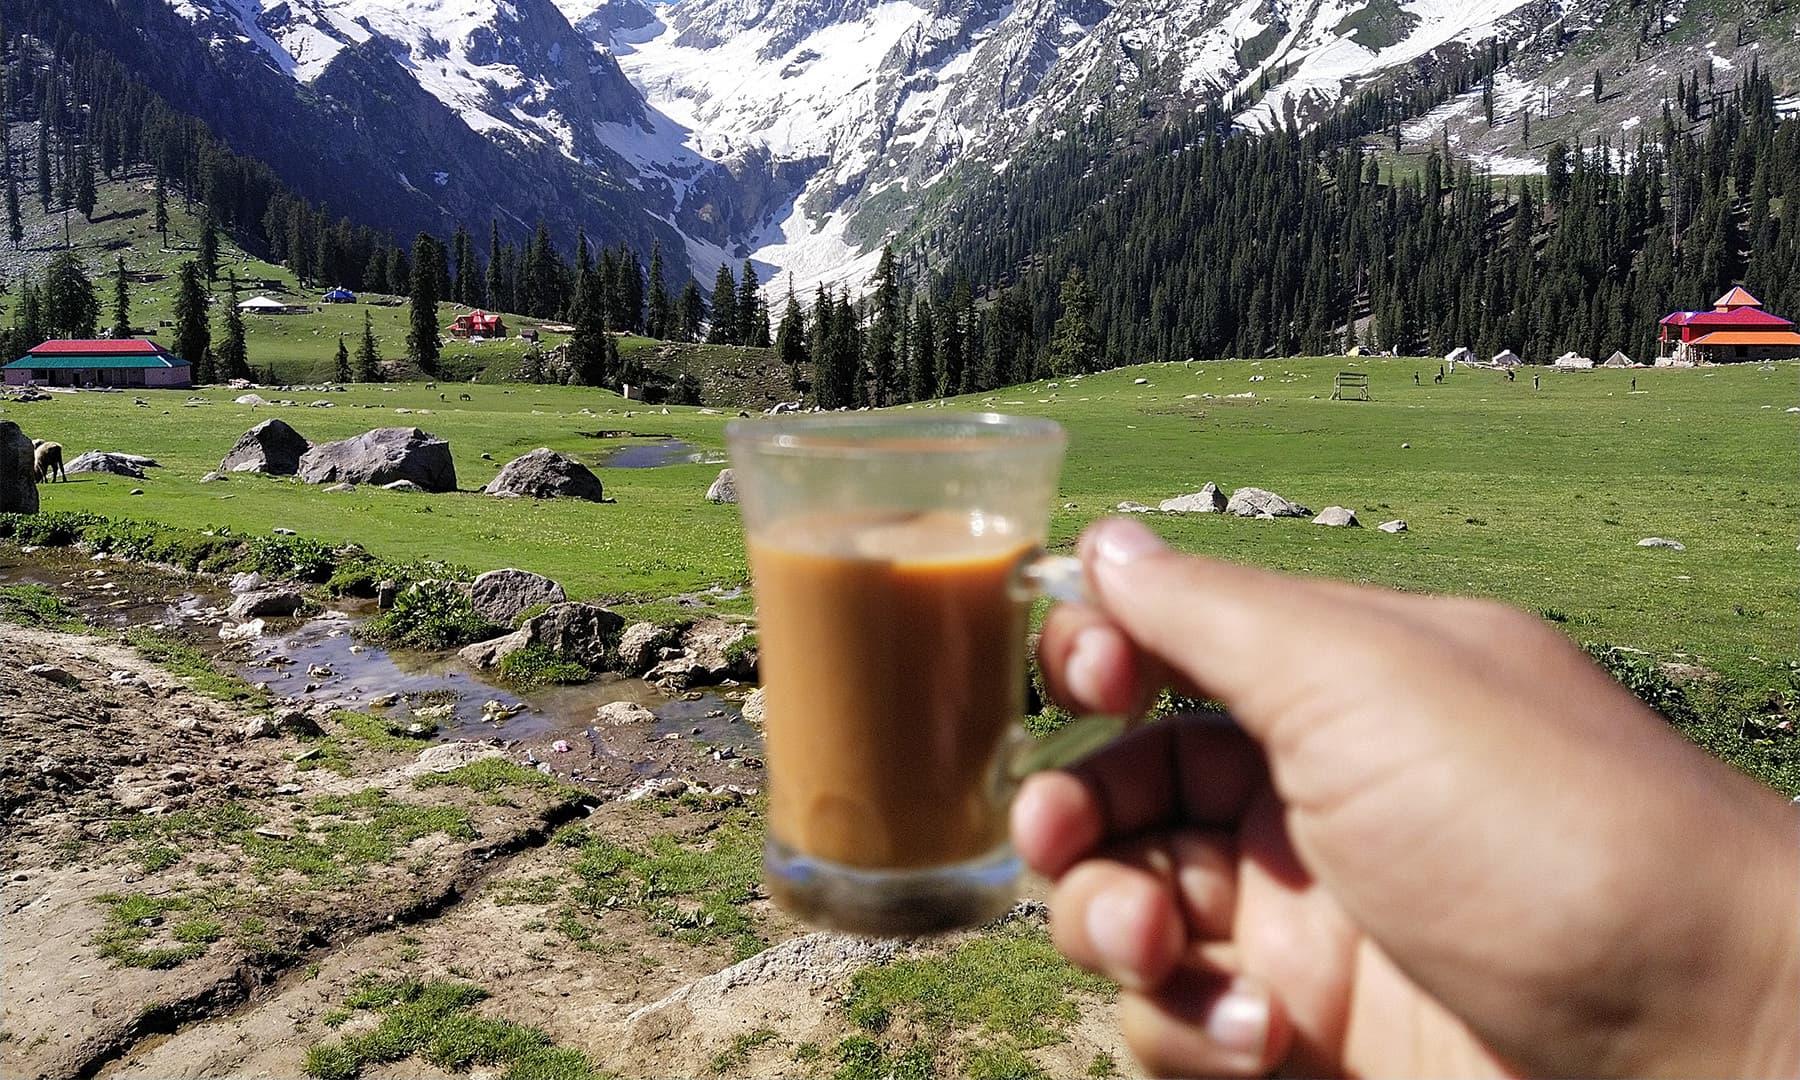 گرما گرم چائے نے ساری تھکن اتاردی — تصویر: بلال احمد